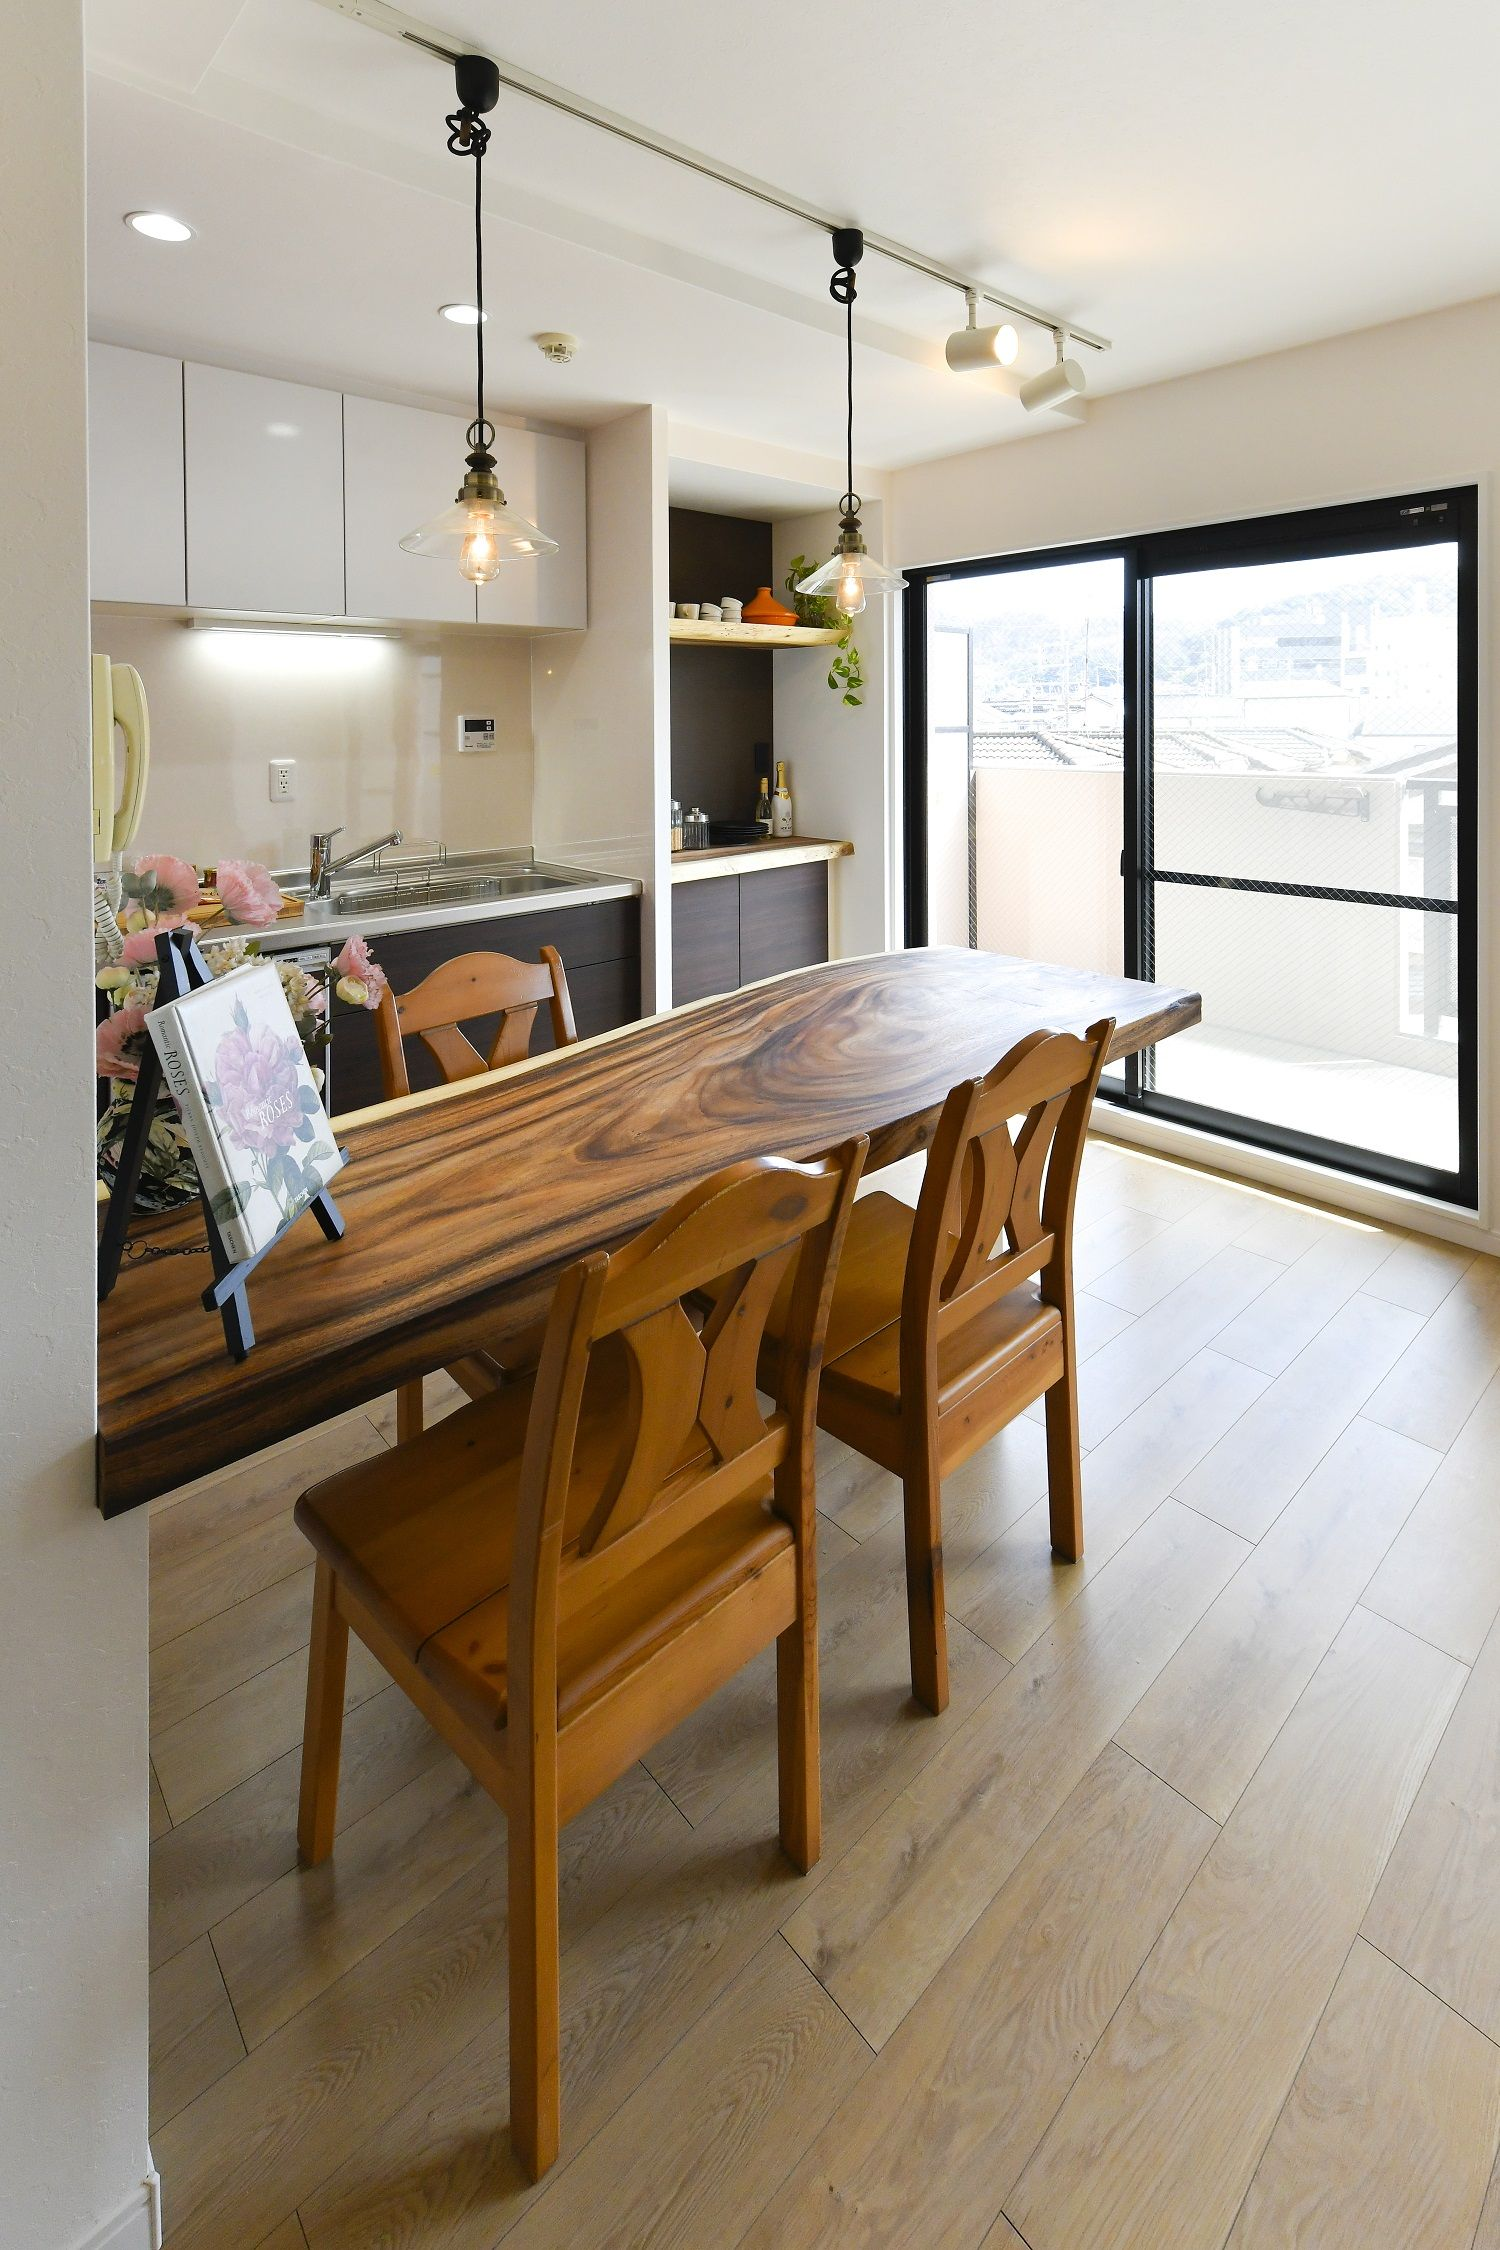 天然木のテーブル 天然木のテーブル 穂高住販 H Diyホーム 模様替え